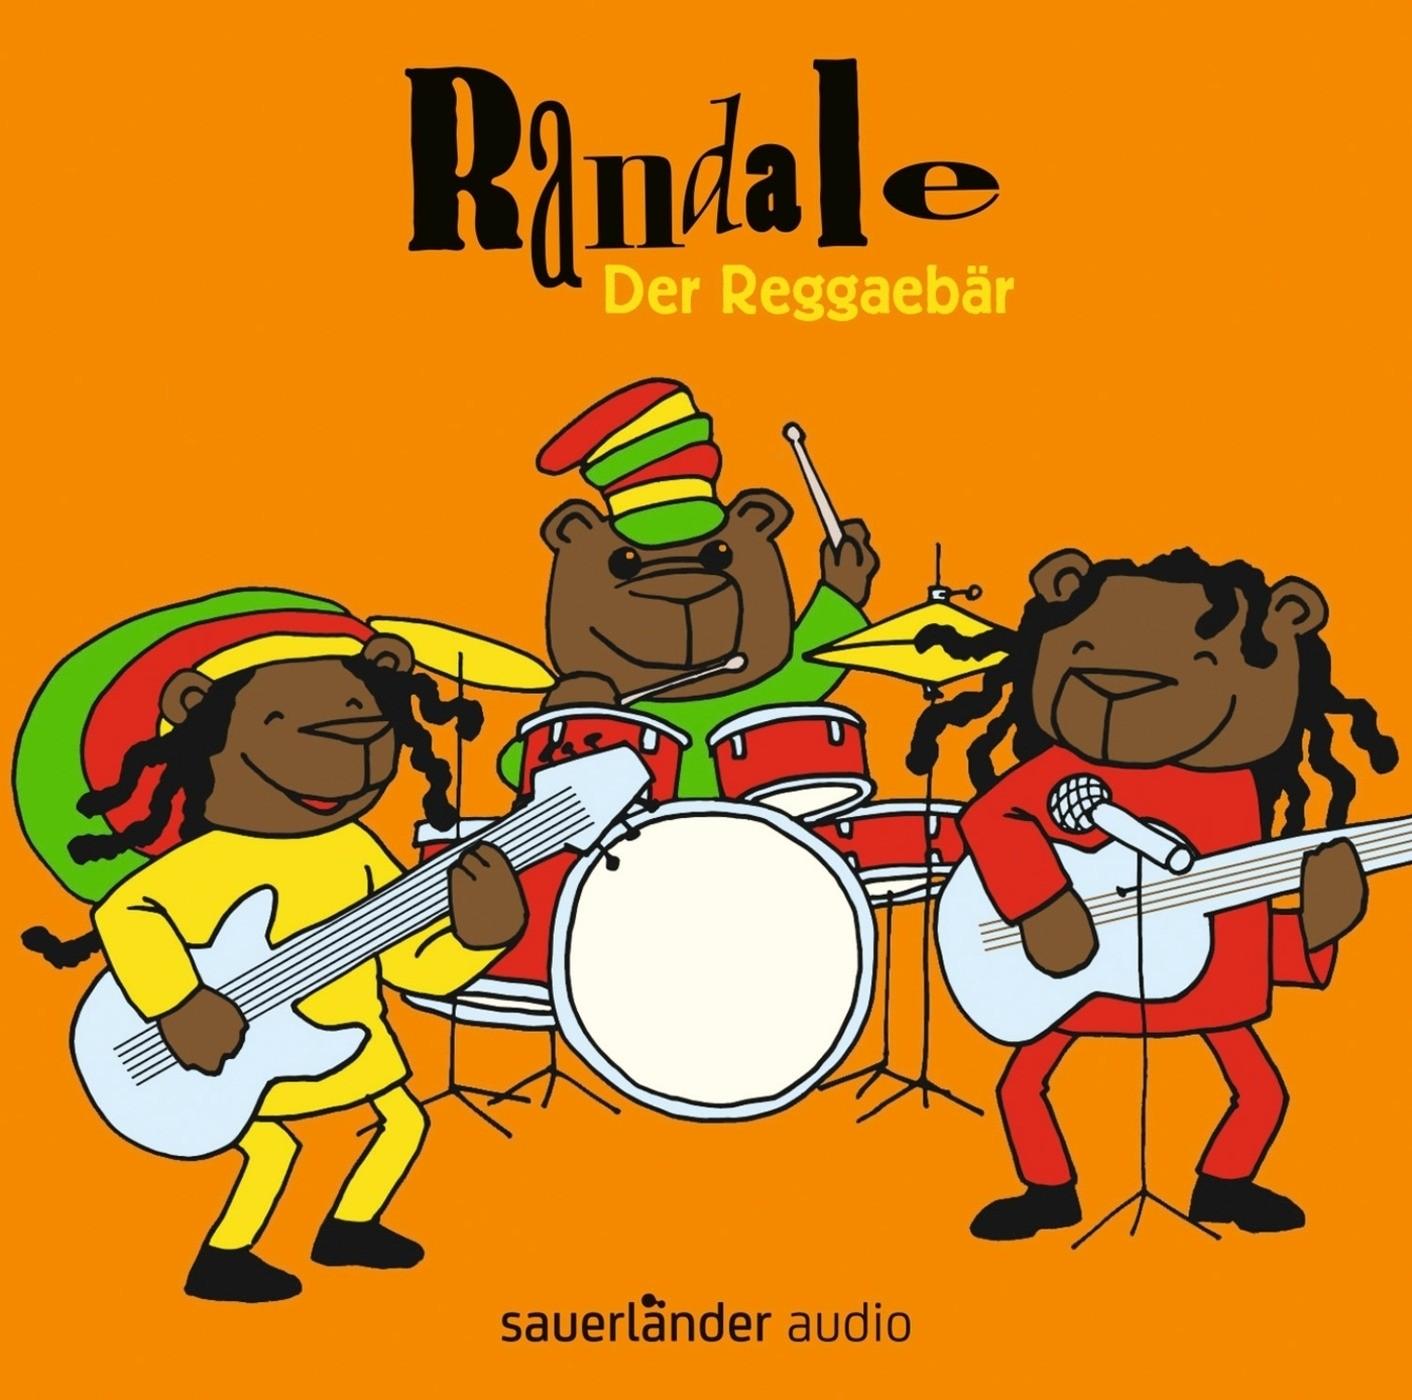 CD: Randale - Der Reggaebär